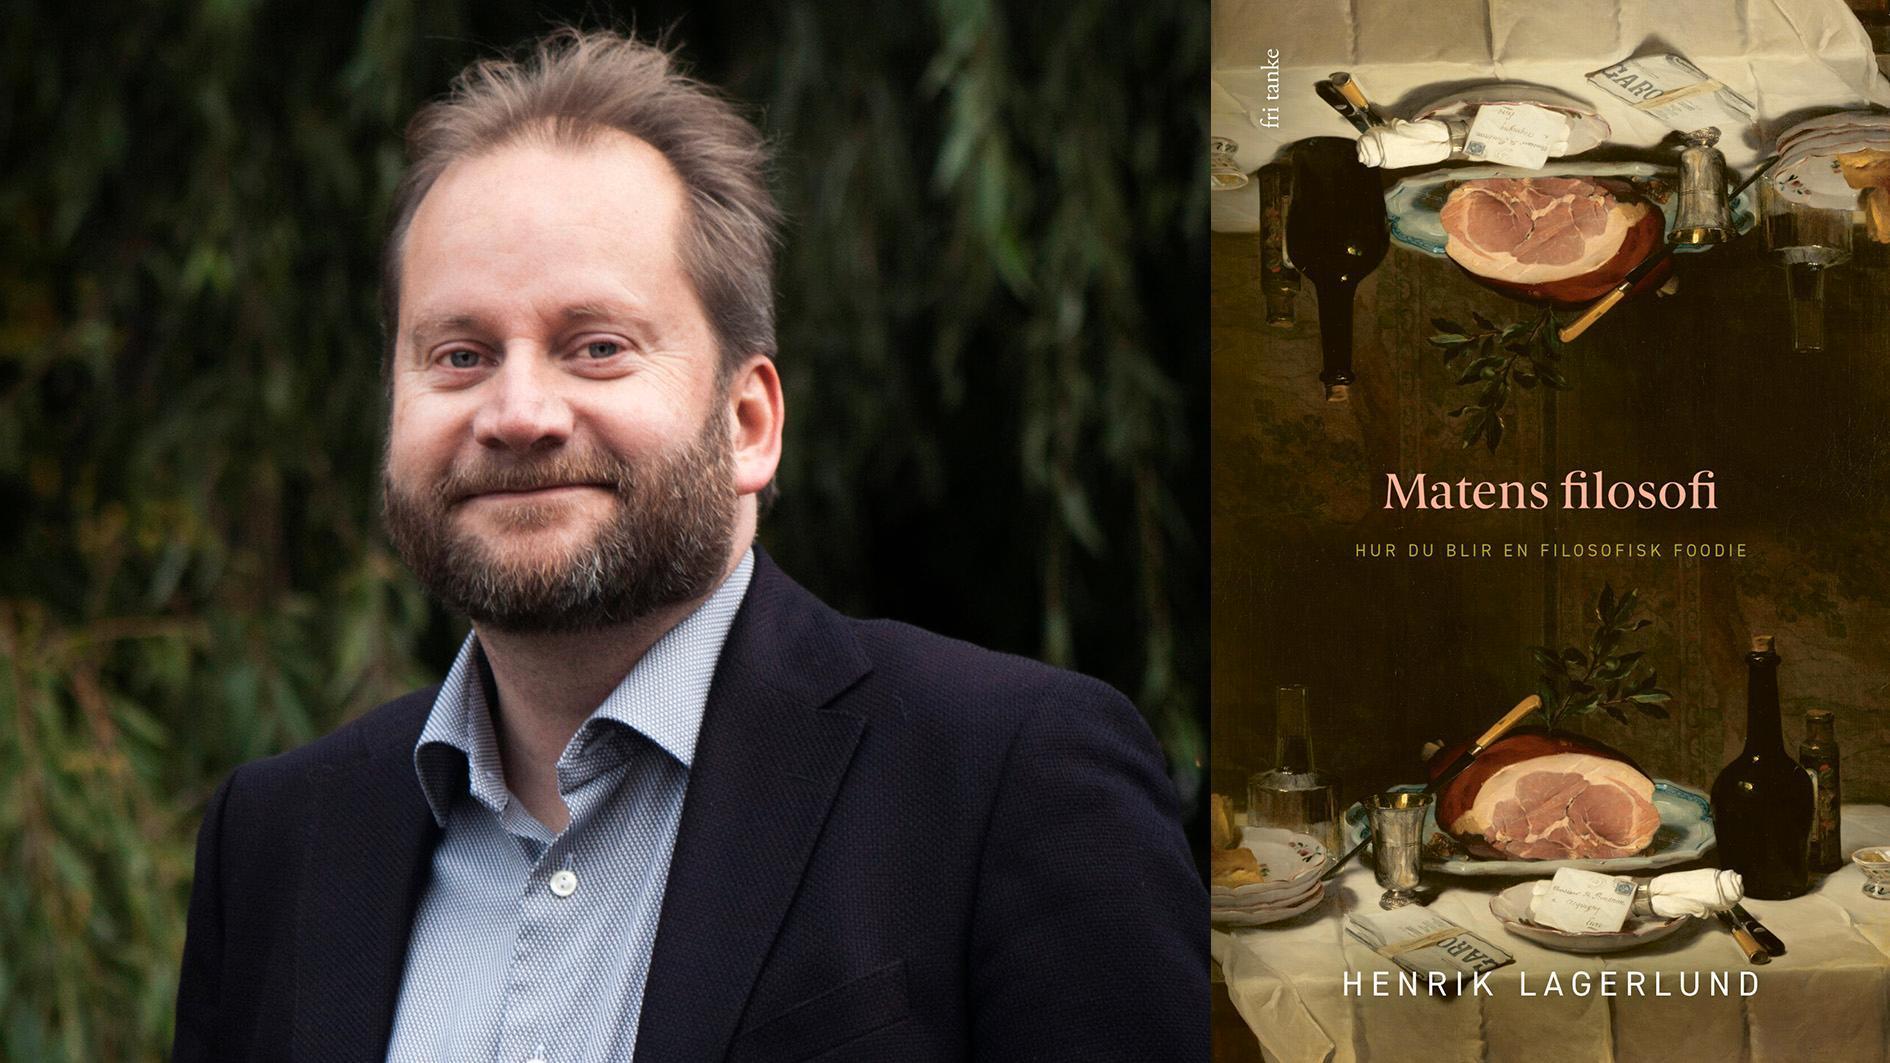 """Henrik Lagerlund, författare och filosof verksam vid Stockholms universitet, har utkommit med """"Matens filosofi""""."""